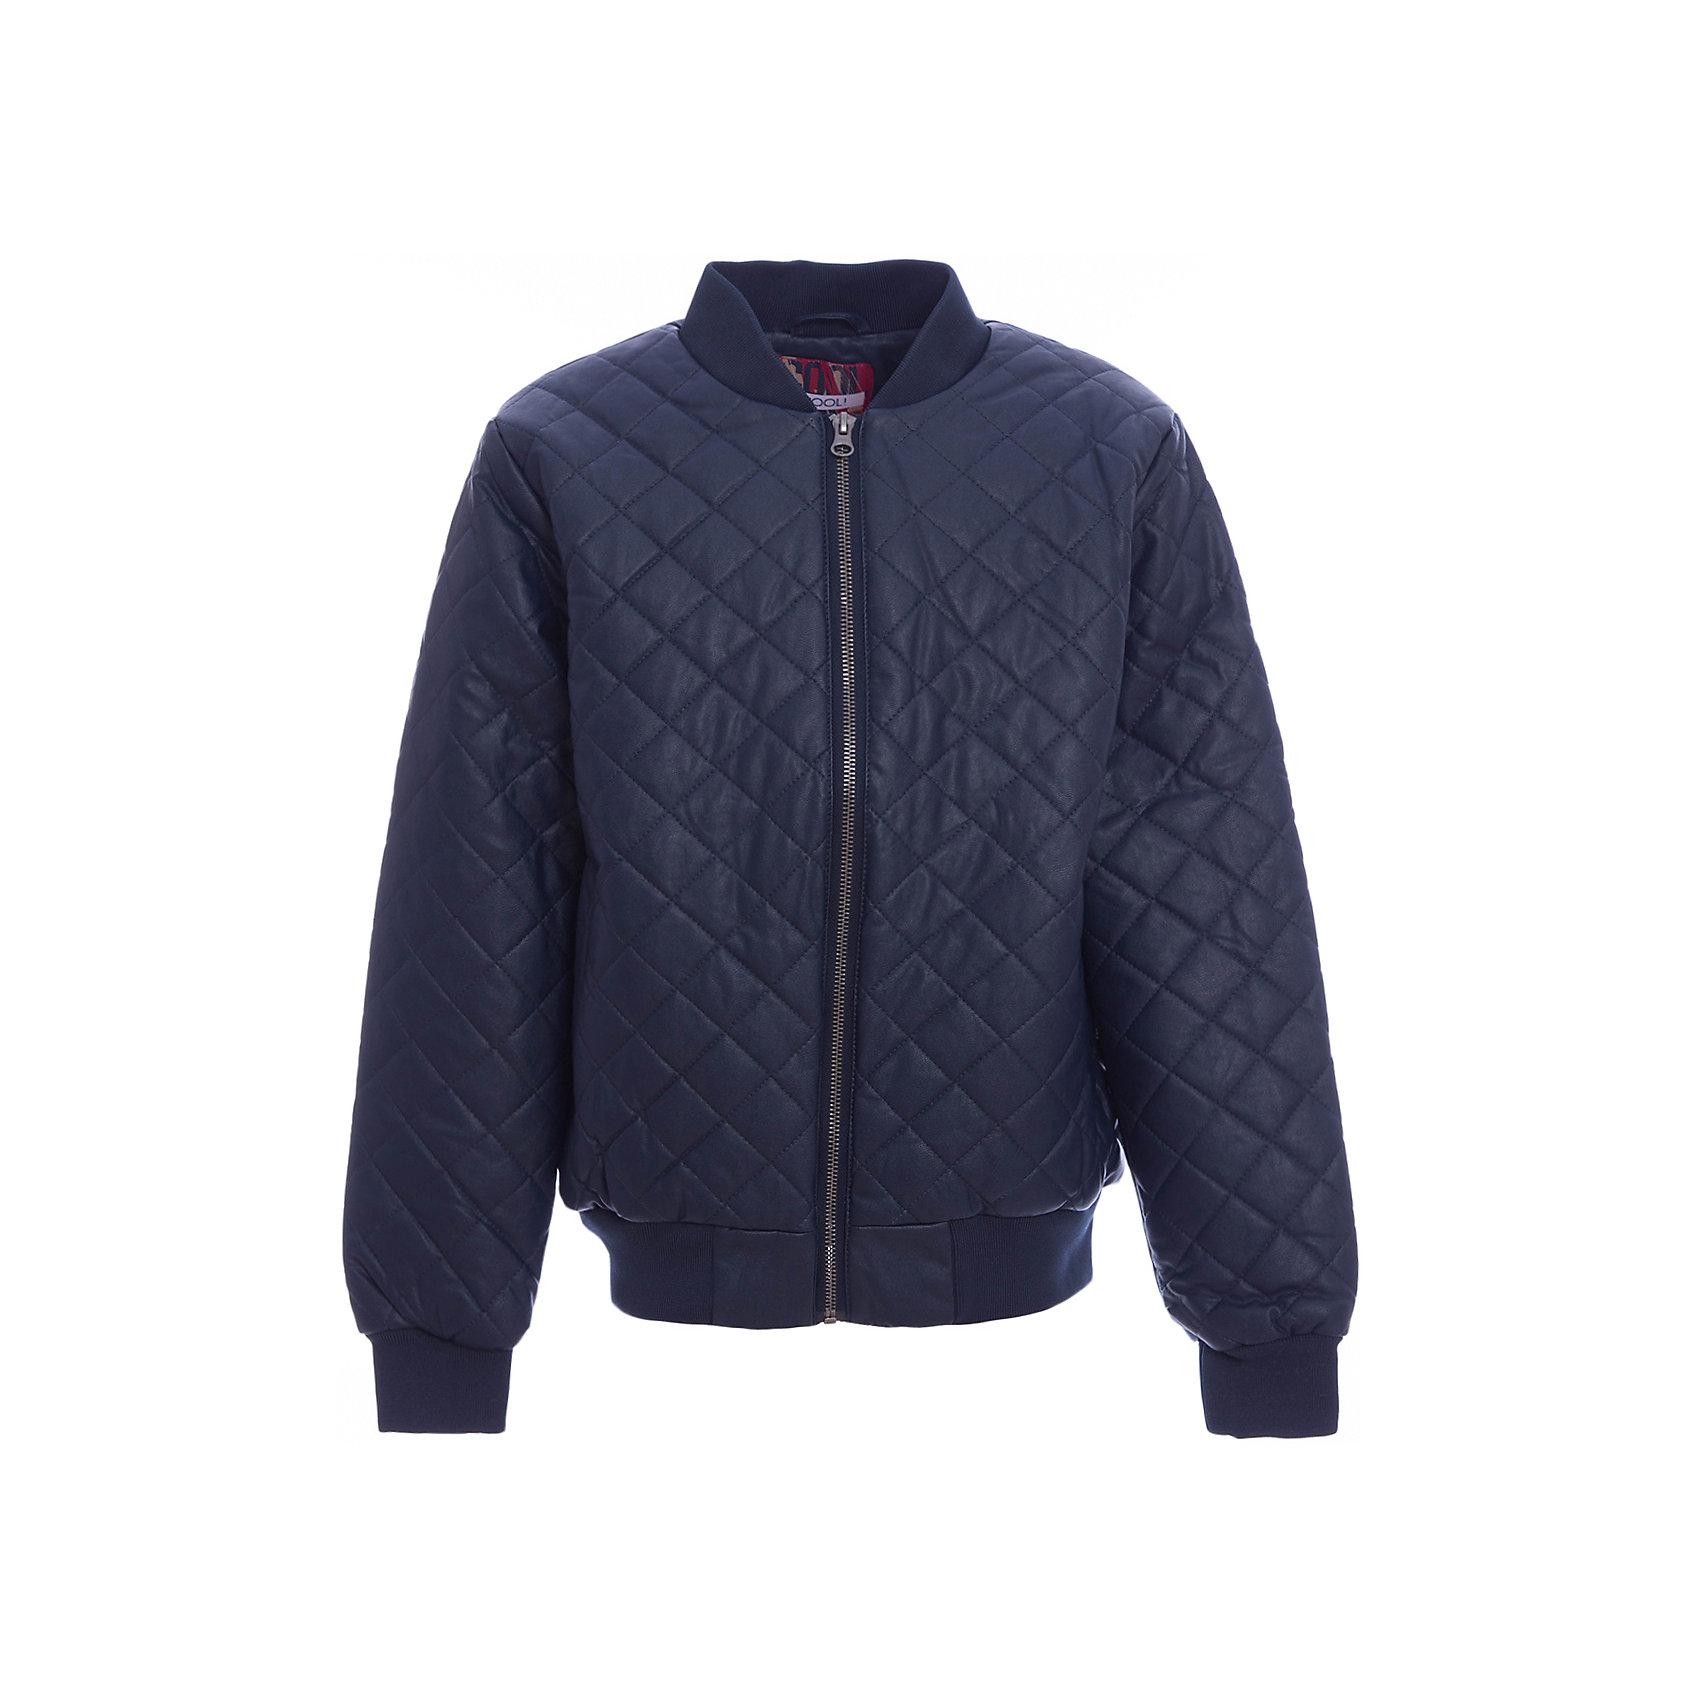 Куртка для мальчика ScoolДжинсовый бум<br>Куртка для мальчика Scool<br>Практичная стильная стеганая куртка со специальной водоотталкивающей пропиткой  - прекрасное решение для прохладной погоды. Мягкие трикотажные резинки на рукавах защитят Вашего ребенка - ветер не сможет проникнуть под куртку.  Светоотражатель по низу изделия позволит видеть Вашего ребенка в темное время сутокПреимущества: Водоооталкивающая пропиткаСветооражатель<br>Состав:<br>Верх: 40% полиуретан, 60% вискоза, подкладка: 100% полиэстер, наполнитель - 100% полиэстер, 120 г/м2<br><br>Ширина мм: 356<br>Глубина мм: 10<br>Высота мм: 245<br>Вес г: 519<br>Цвет: полуночно-синий<br>Возраст от месяцев: 96<br>Возраст до месяцев: 108<br>Пол: Мужской<br>Возраст: Детский<br>Размер: 134,164,158,152,146,140<br>SKU: 5406515